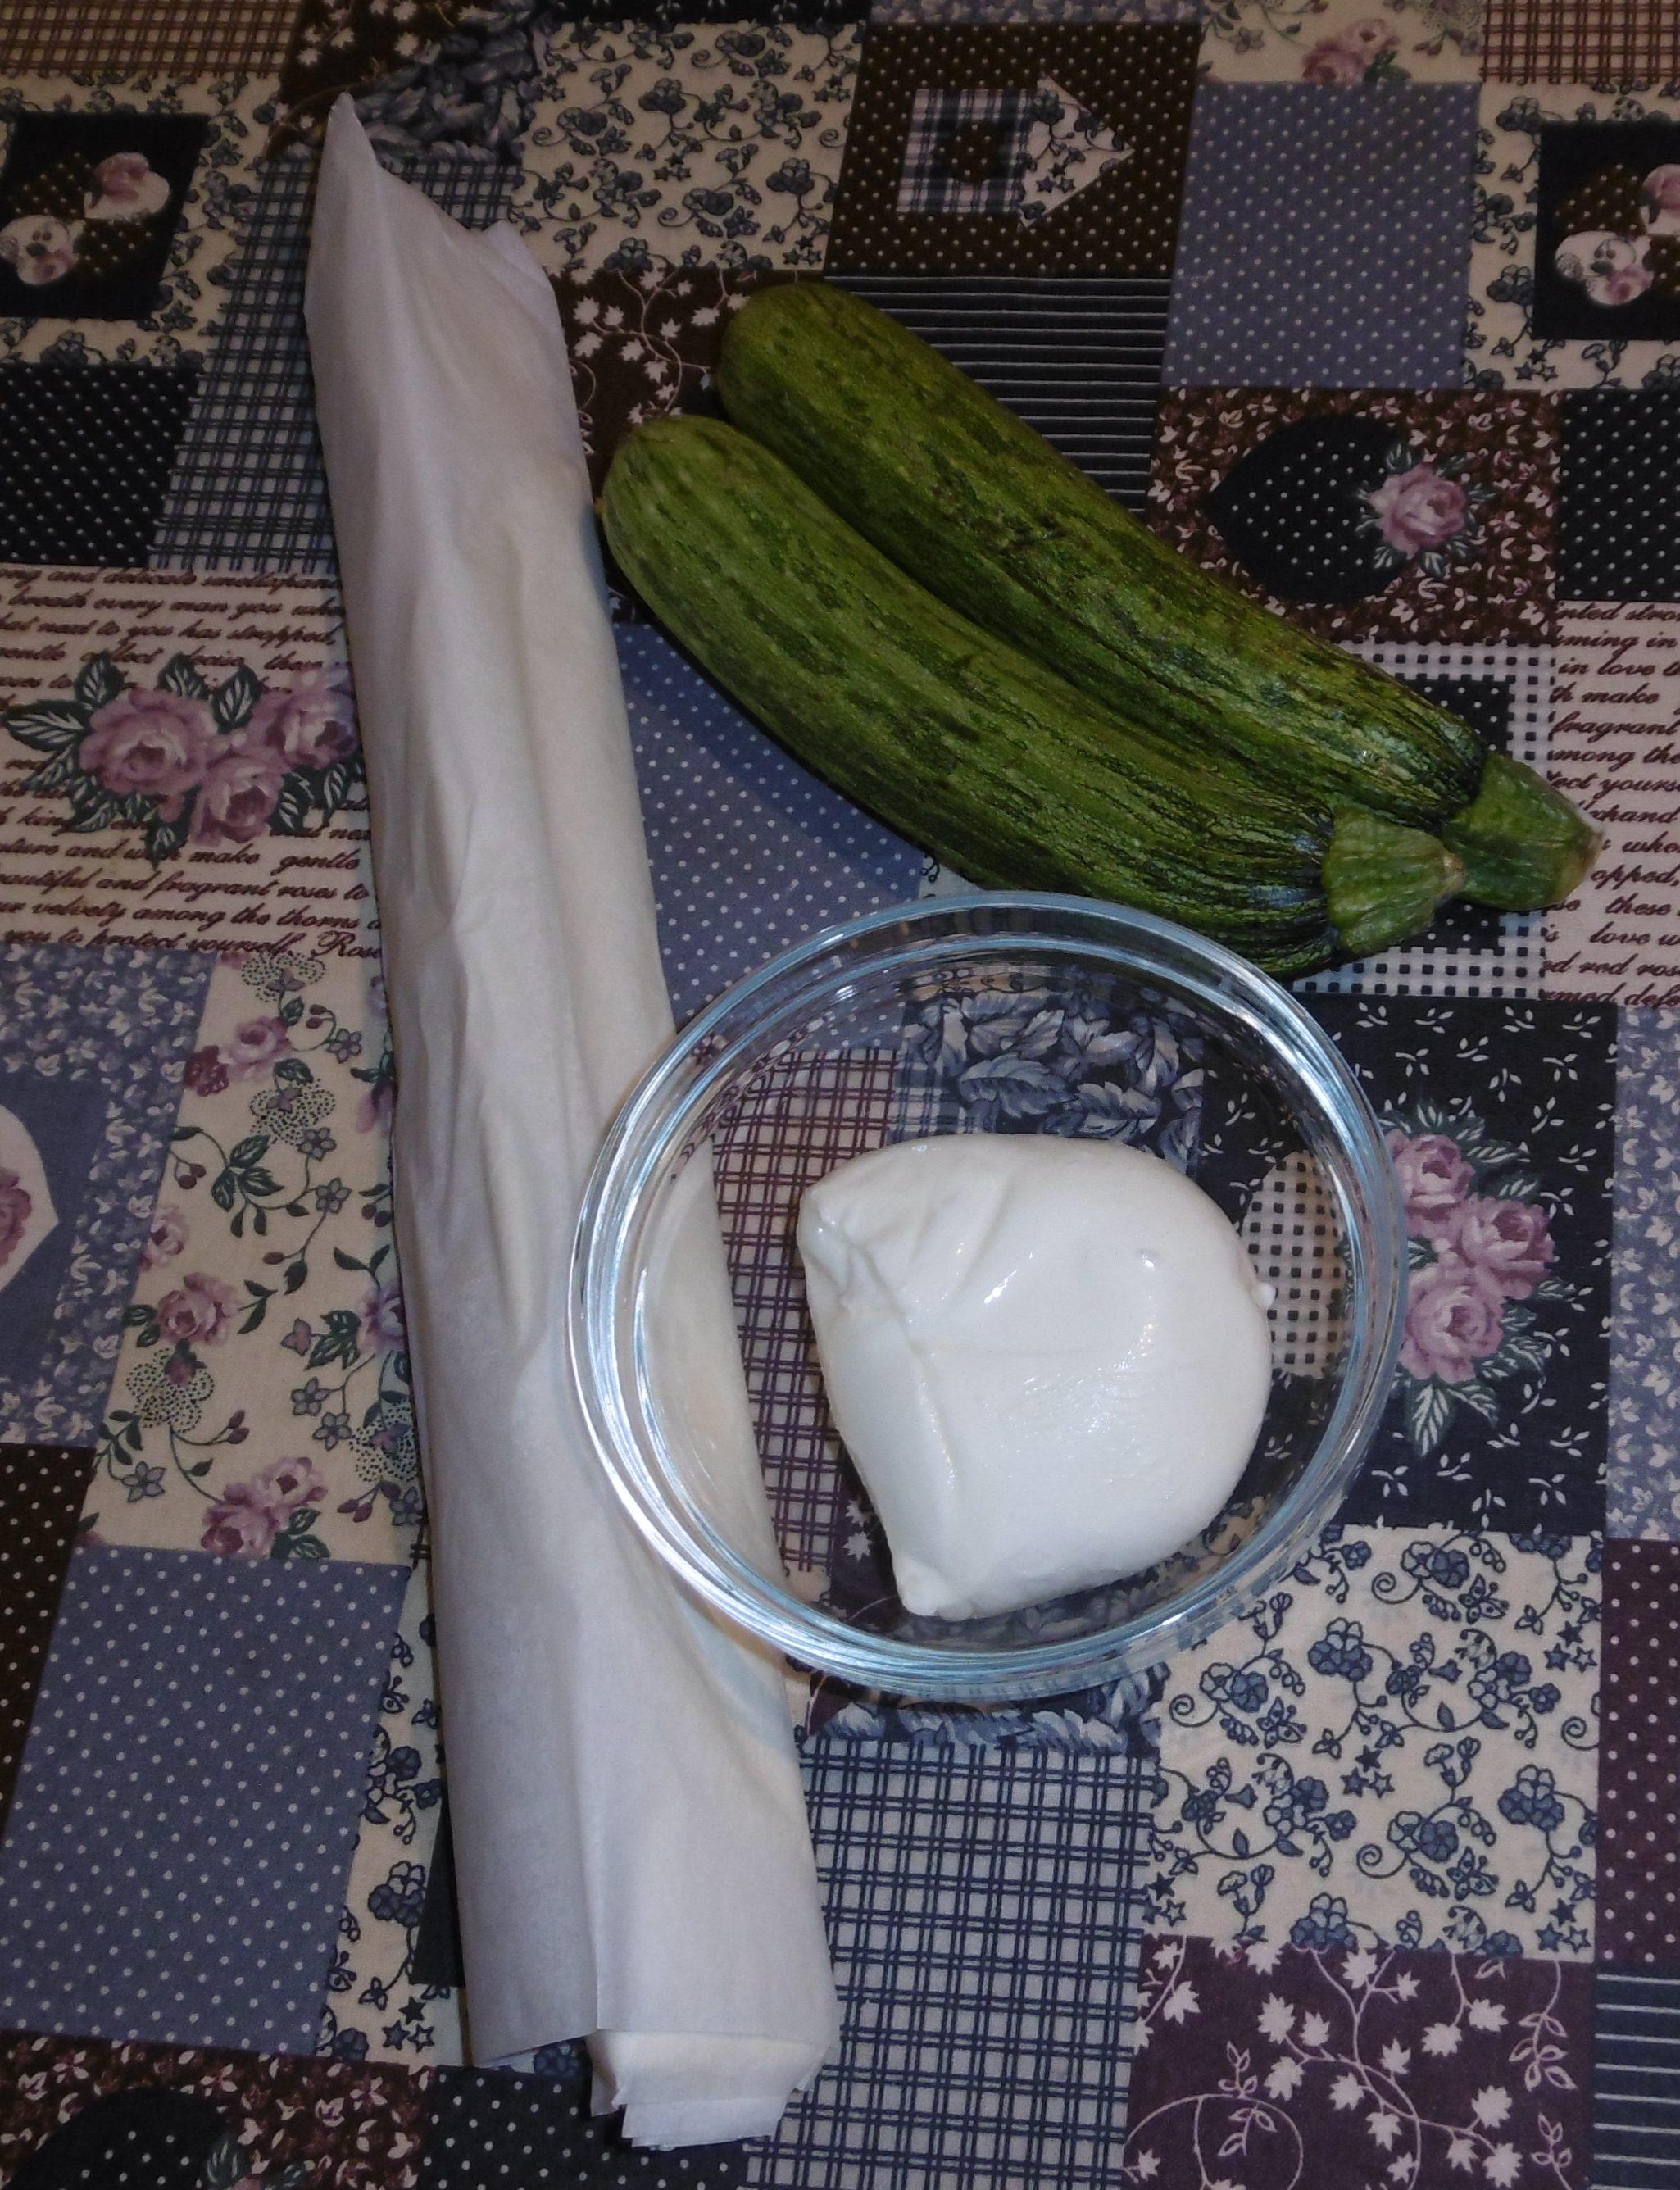 Cestini di pasta sfoglia con zucchine e mozzarella - Ingredienti